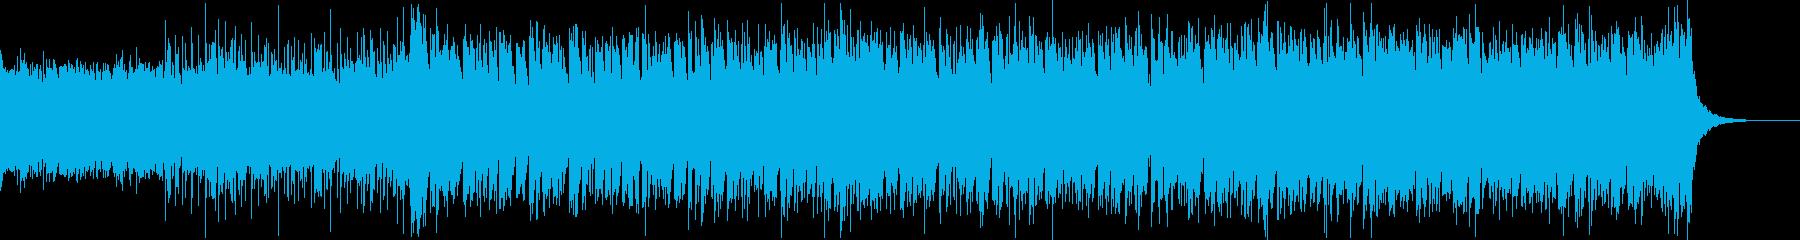 速いピアノ_ストリングス_クール_疾走の再生済みの波形